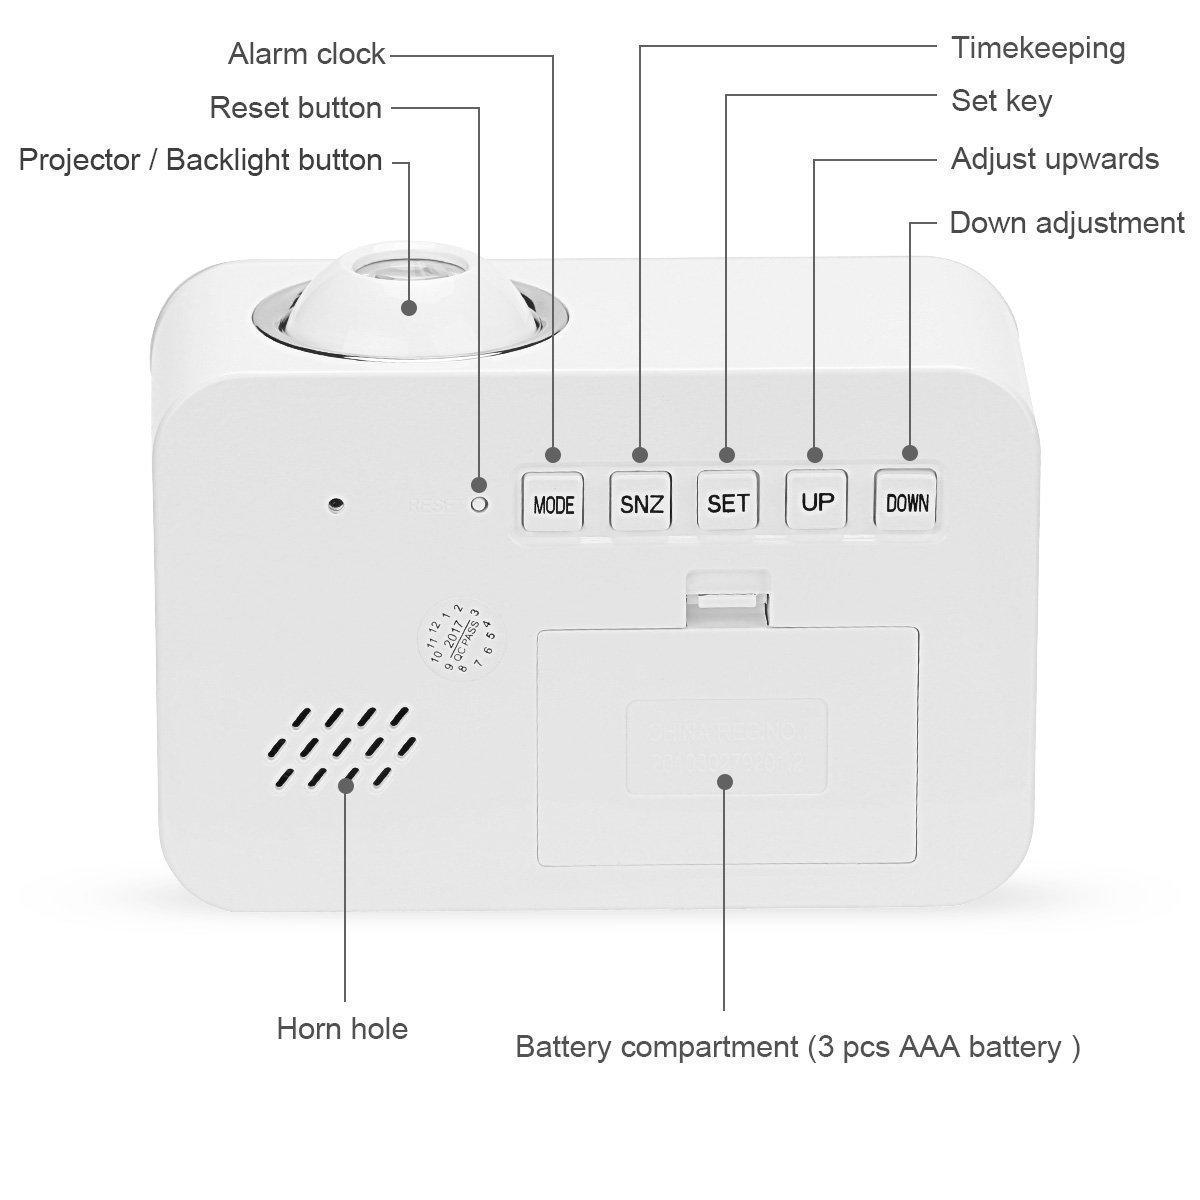 ... voz LED Luz de fondo/Función de dormitar/Temporizador/Hora/Temperatura/Día/Fecha, Reloj Digital para el hogar de la oficina (Blanco): Amazon.es: Hogar